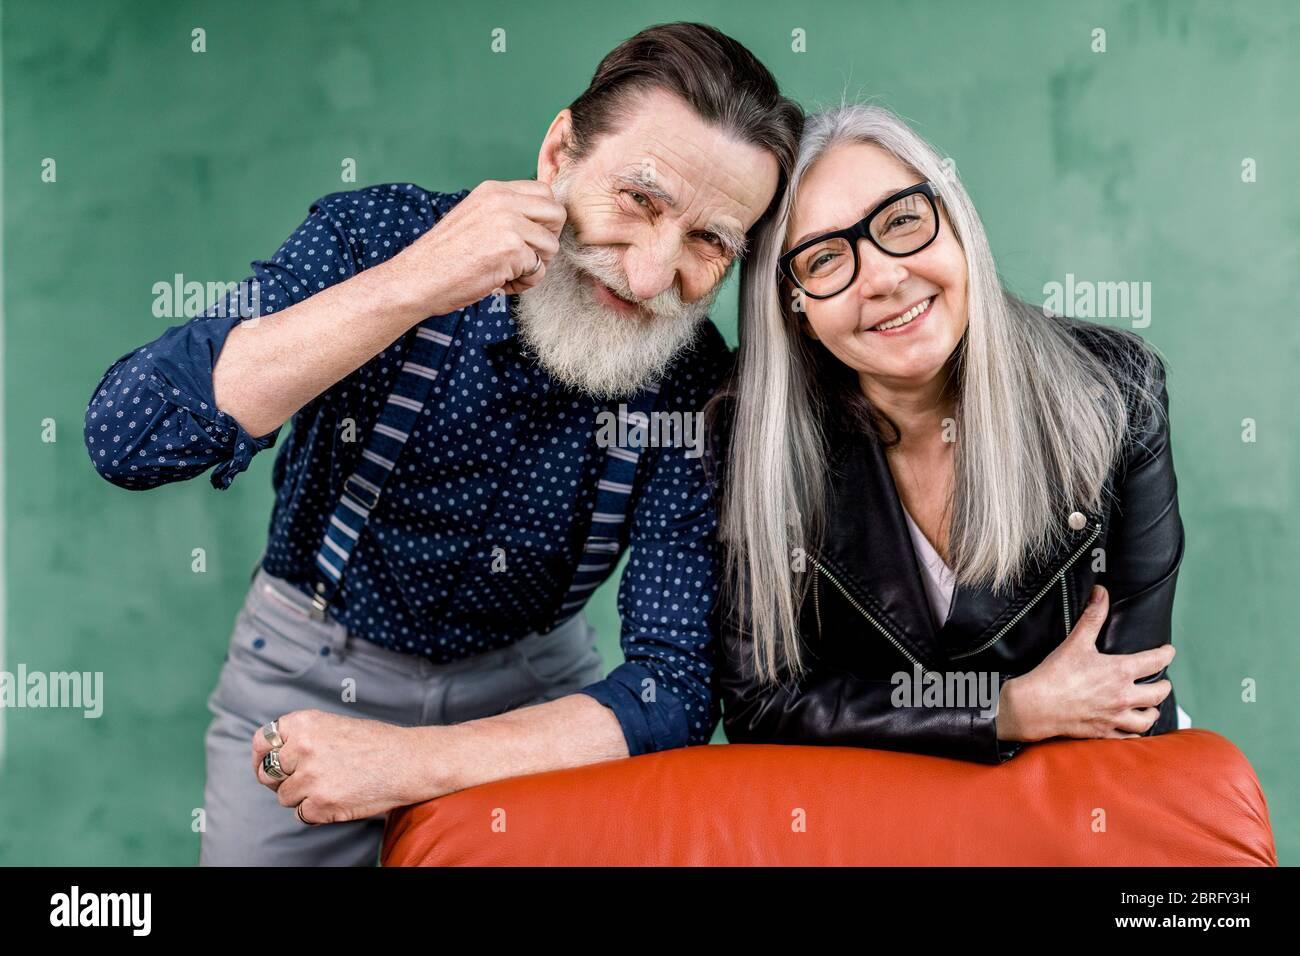 Couple âgé. Joyeux couple âgé souriant tout en étant dans une bonne humeur, se pencher sur la chaise douce rouge et toucher les fronts. Portrait romantique Banque D'Images